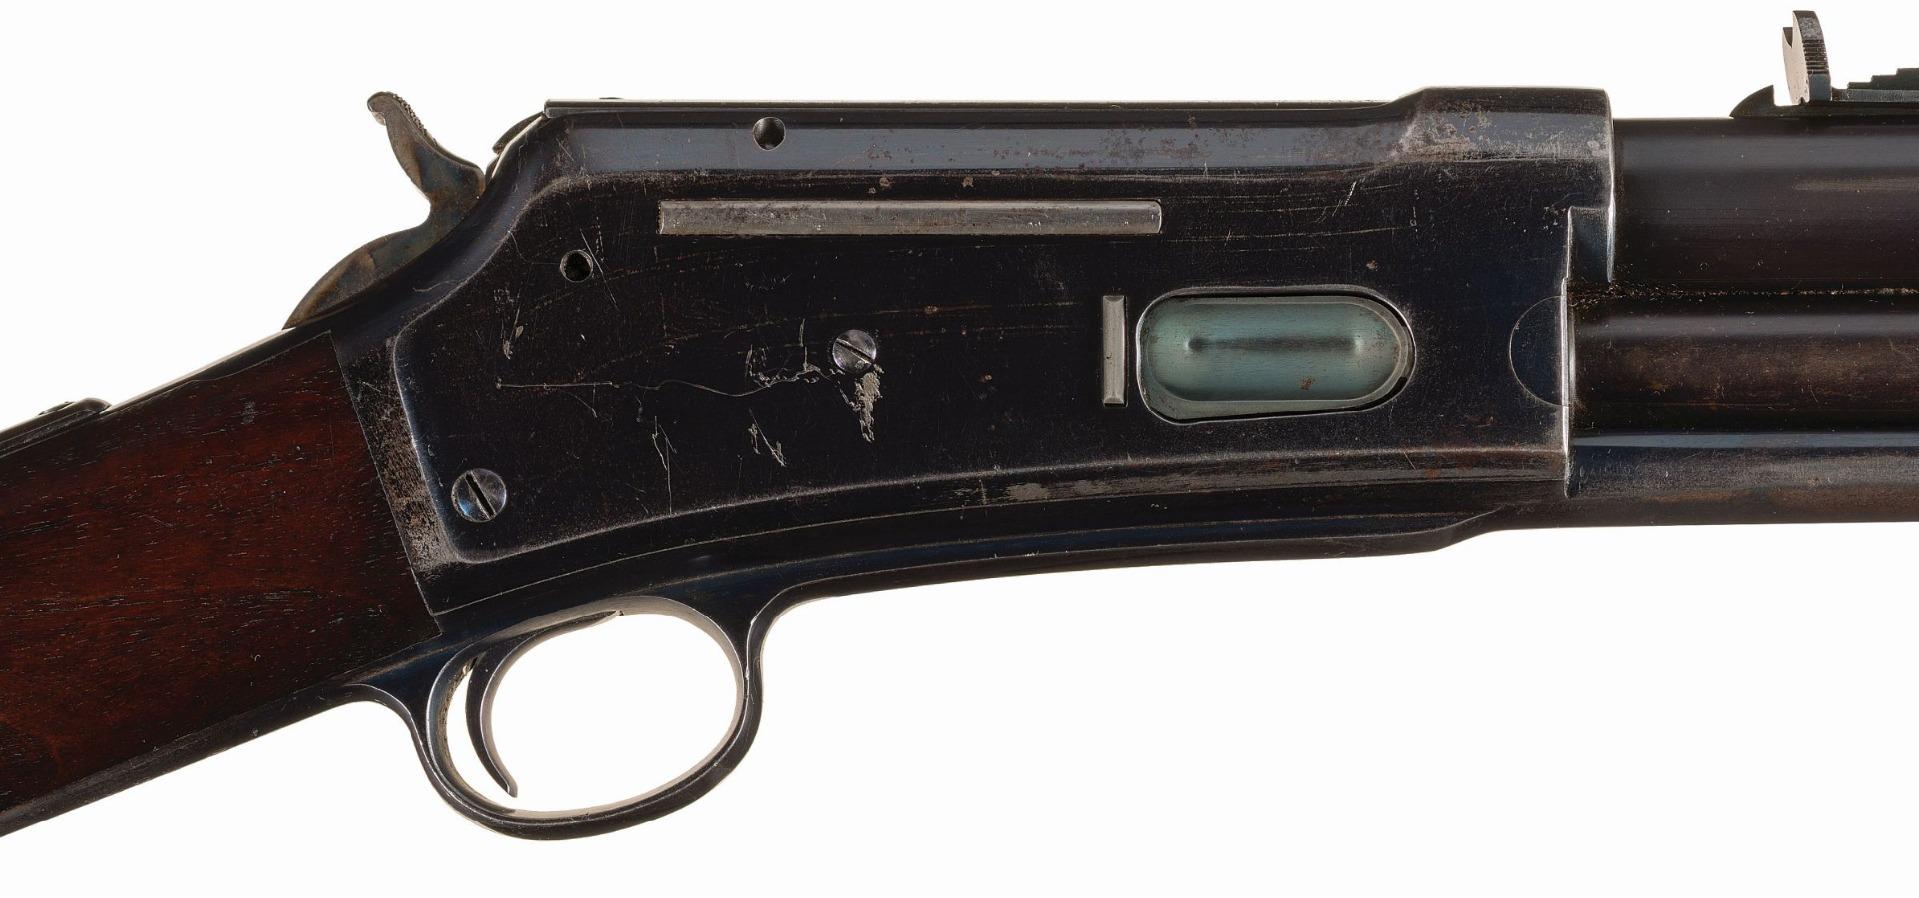 Colt Lightning Express large frame pump action rifle